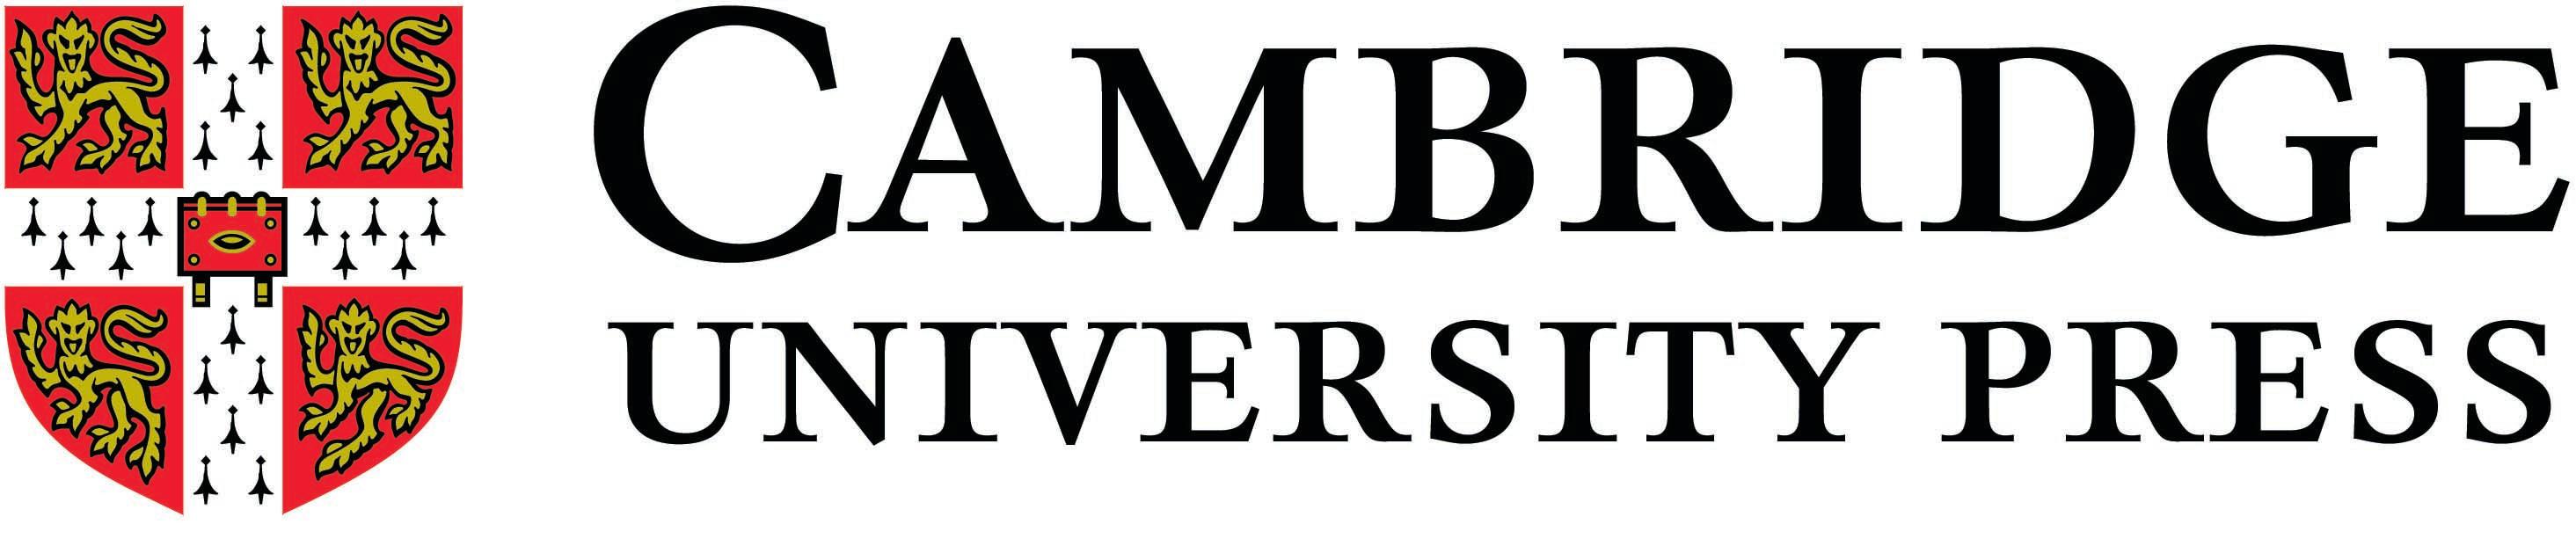 Cambridge University Press (1)